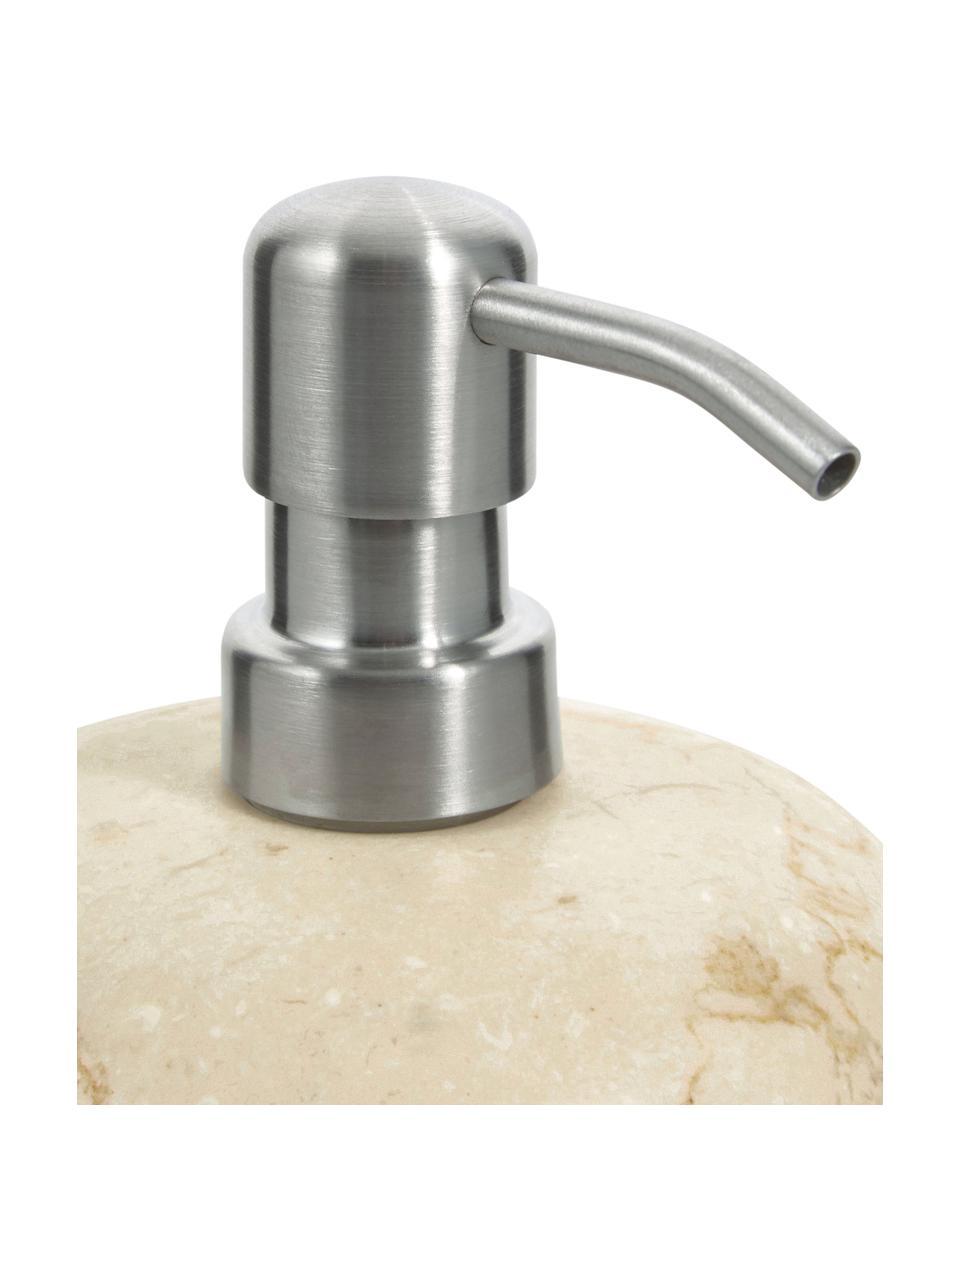 Dosatore di sapone in marmo Luxor, Testa della pompa: acciaio inossidabile, Beige, acciaio, Ø 12 x A 13 cm